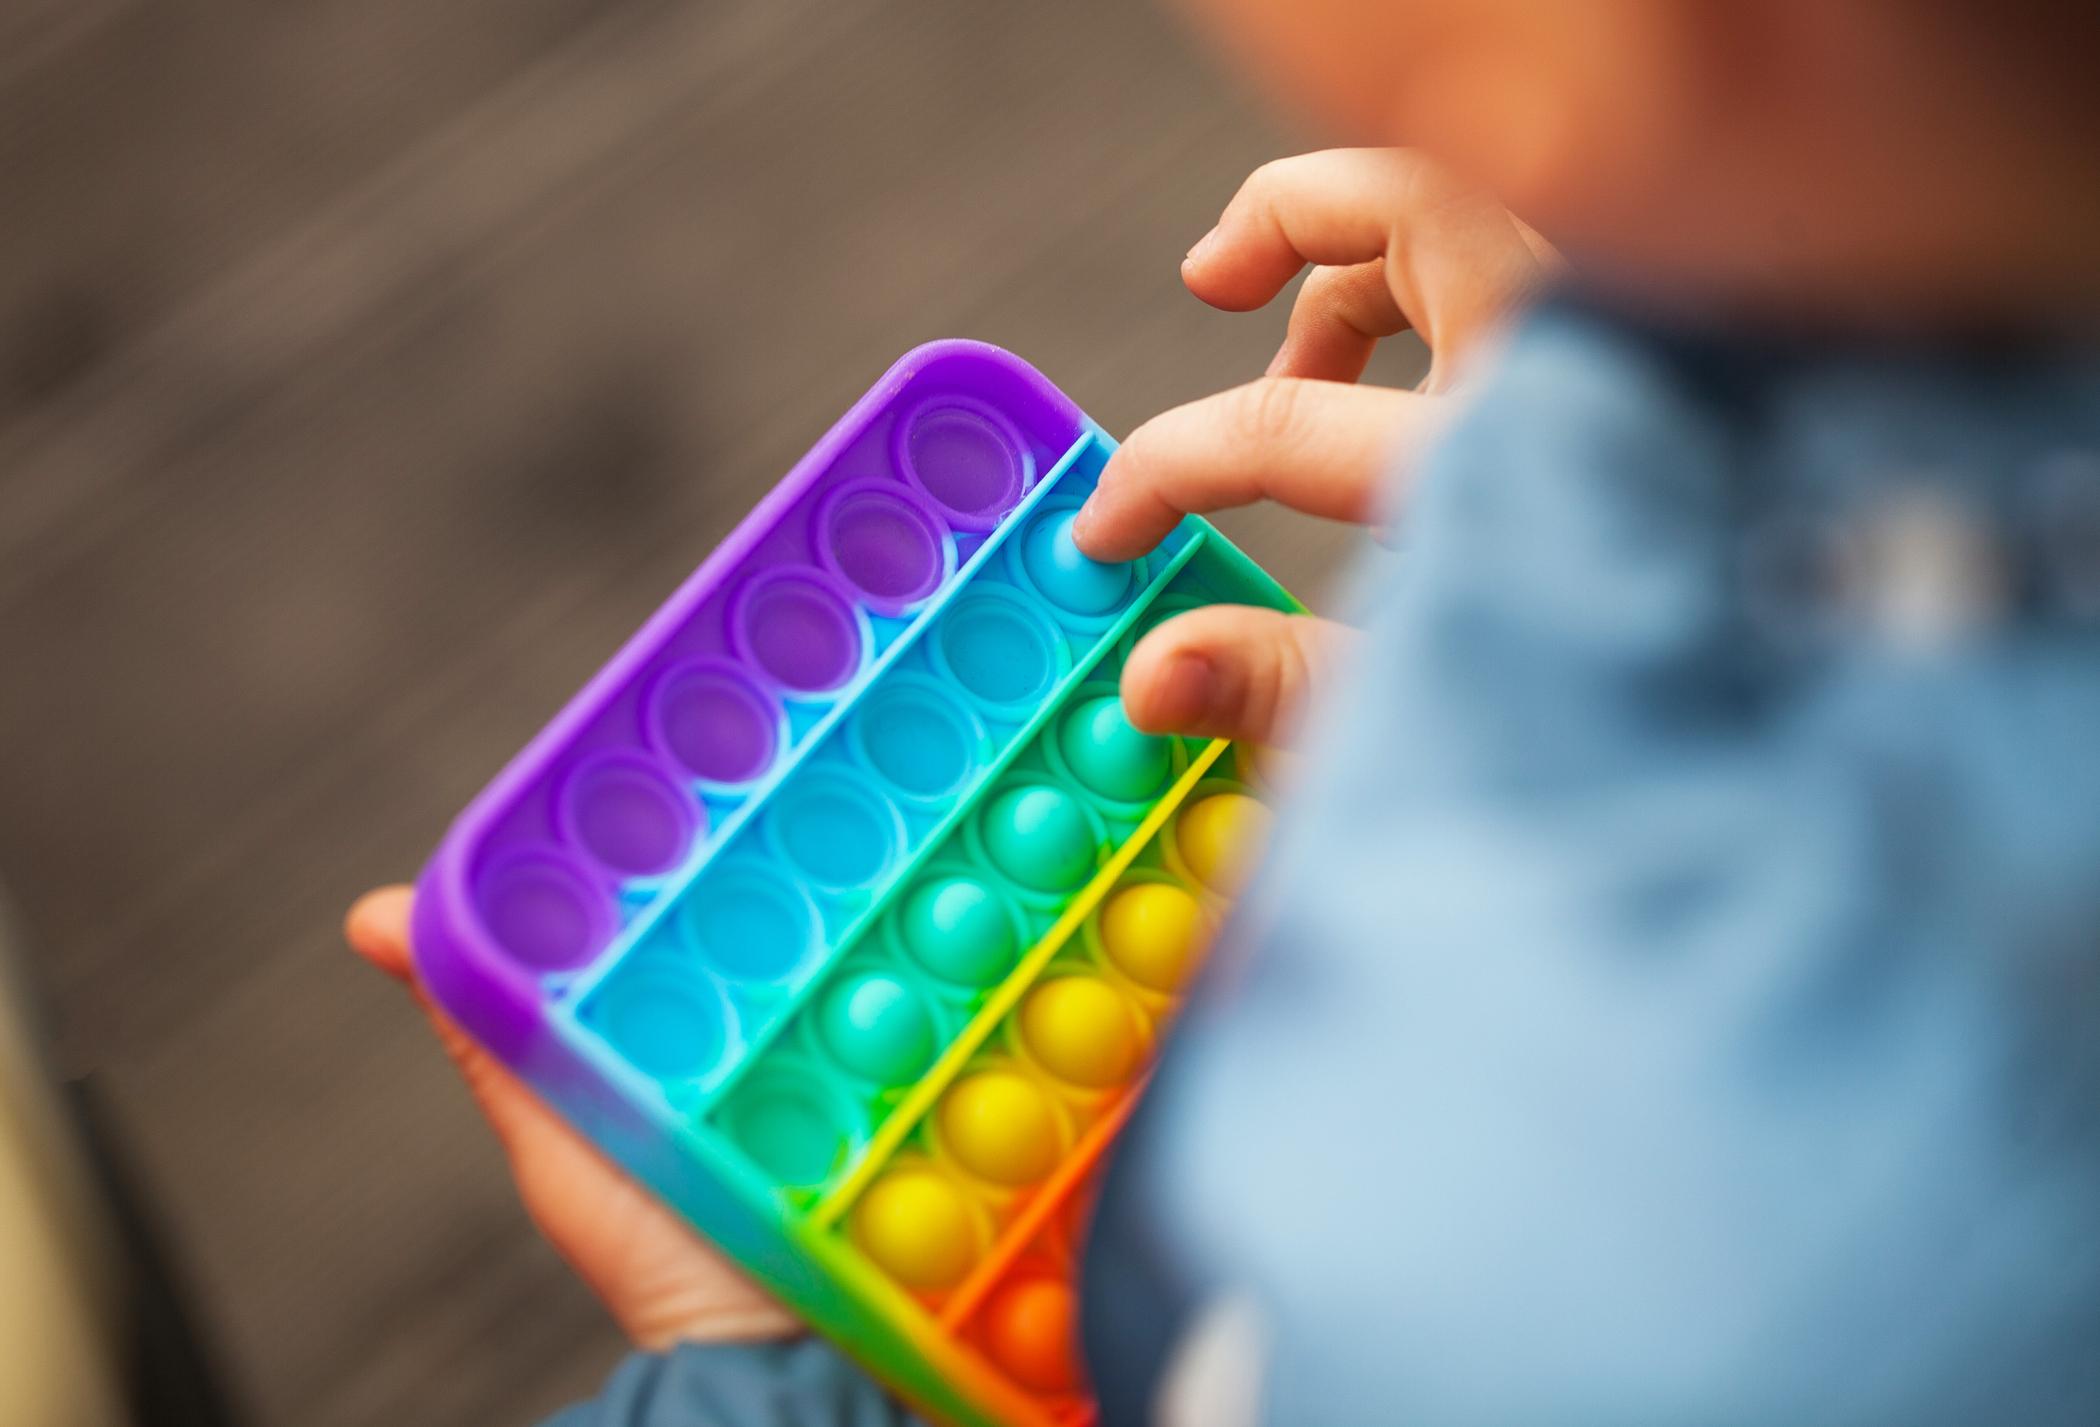 Fundamentalistas se sentem ameaçados por brinquedo que possui as cores da bandeira LGBT+